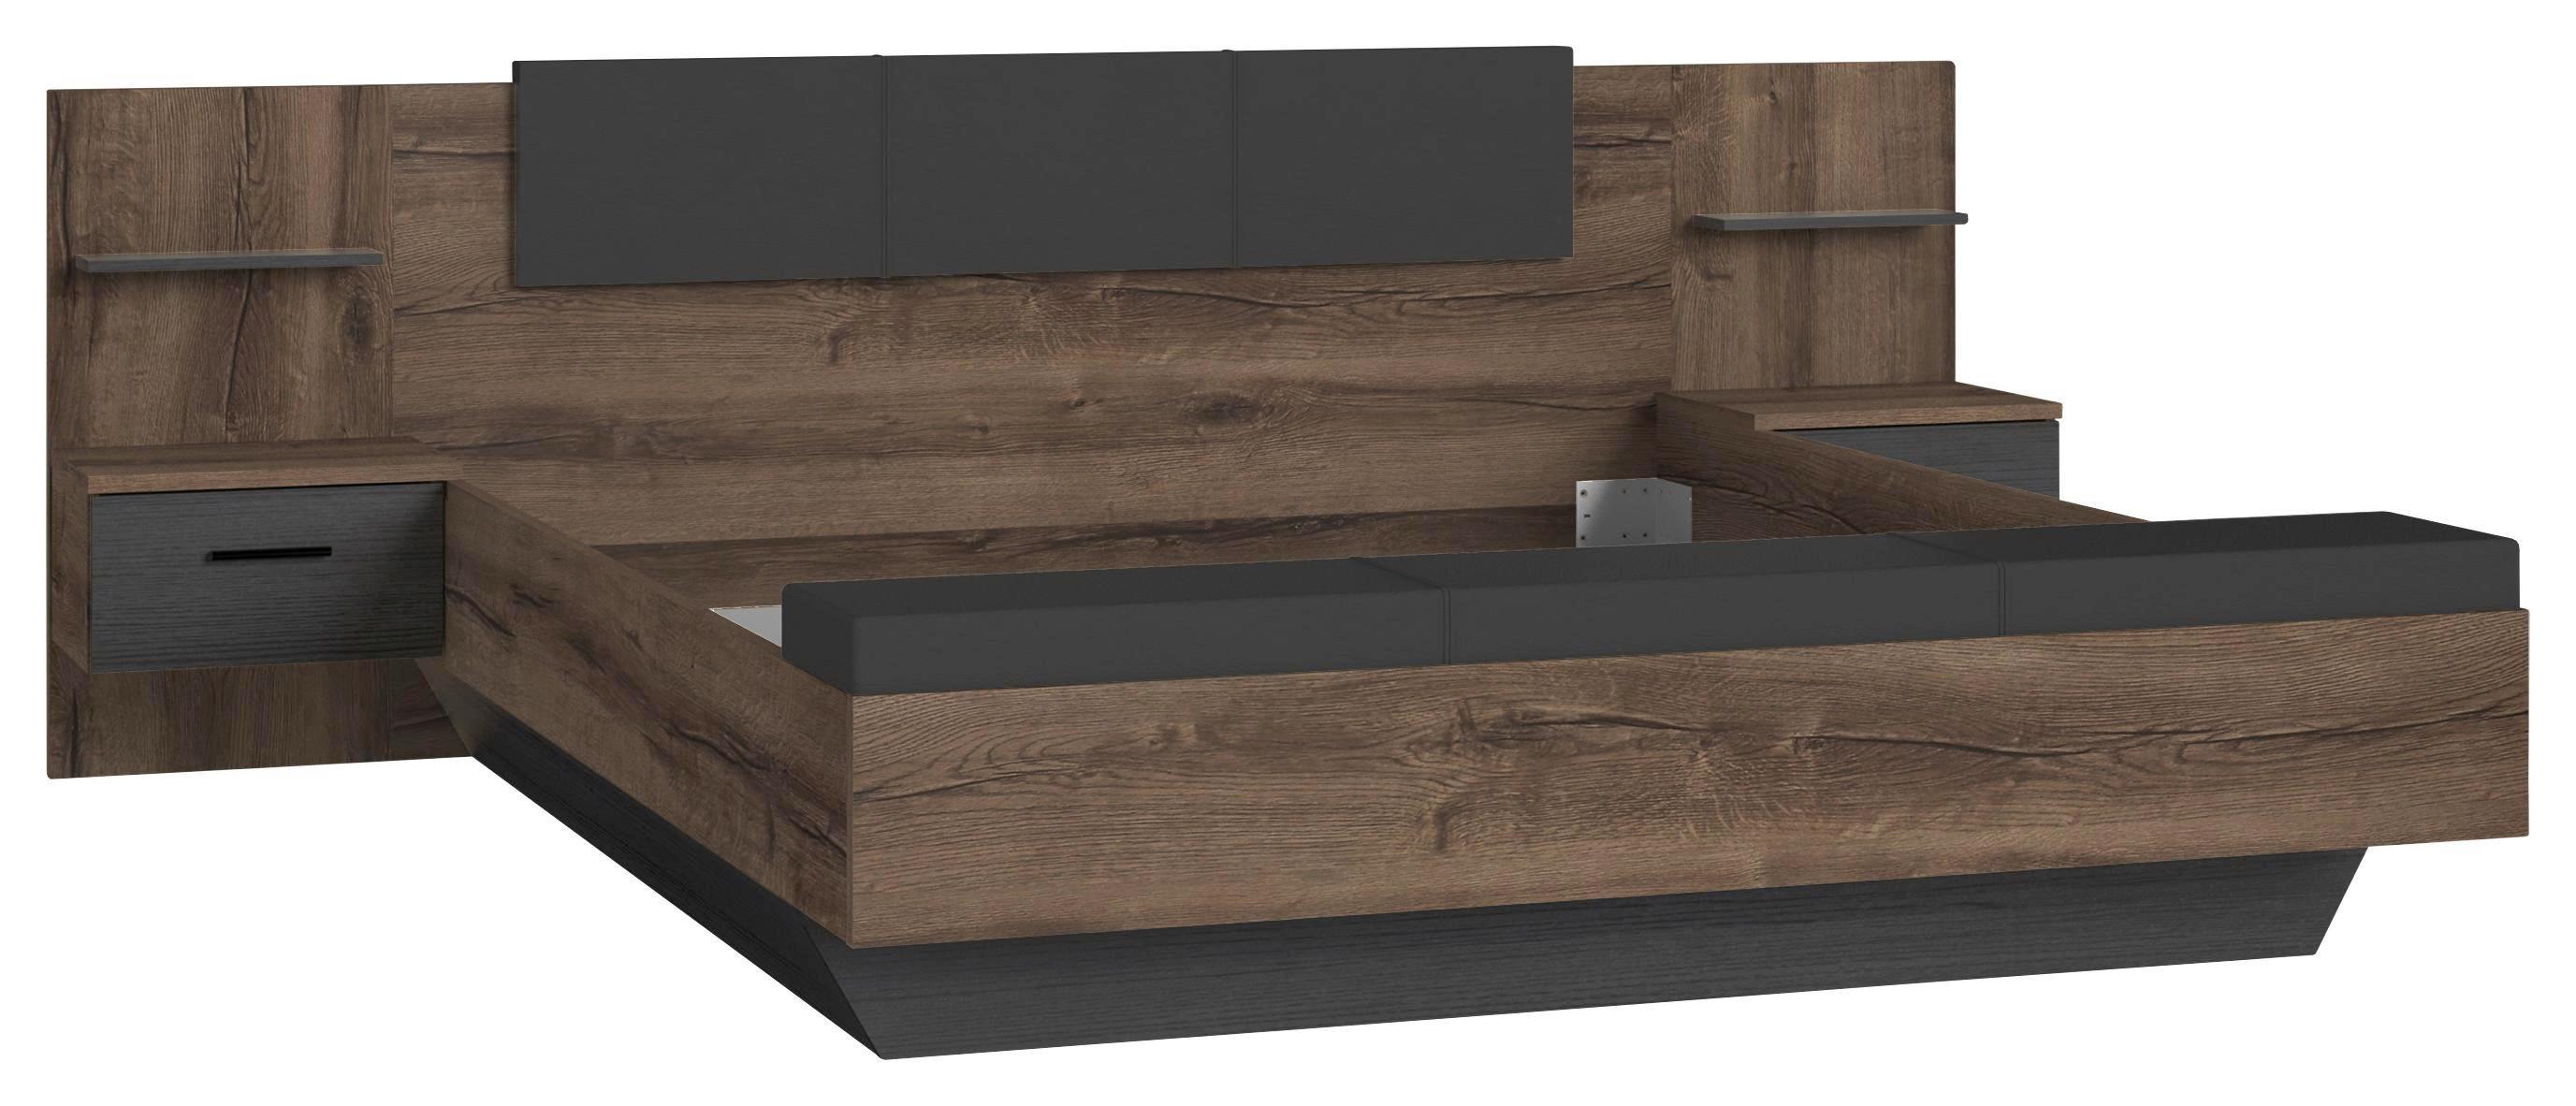 Ágykeret Chilly - fekete/tölgy színű, Lifestyle, műanyag/fém (275,5/232,6/95,6cm)